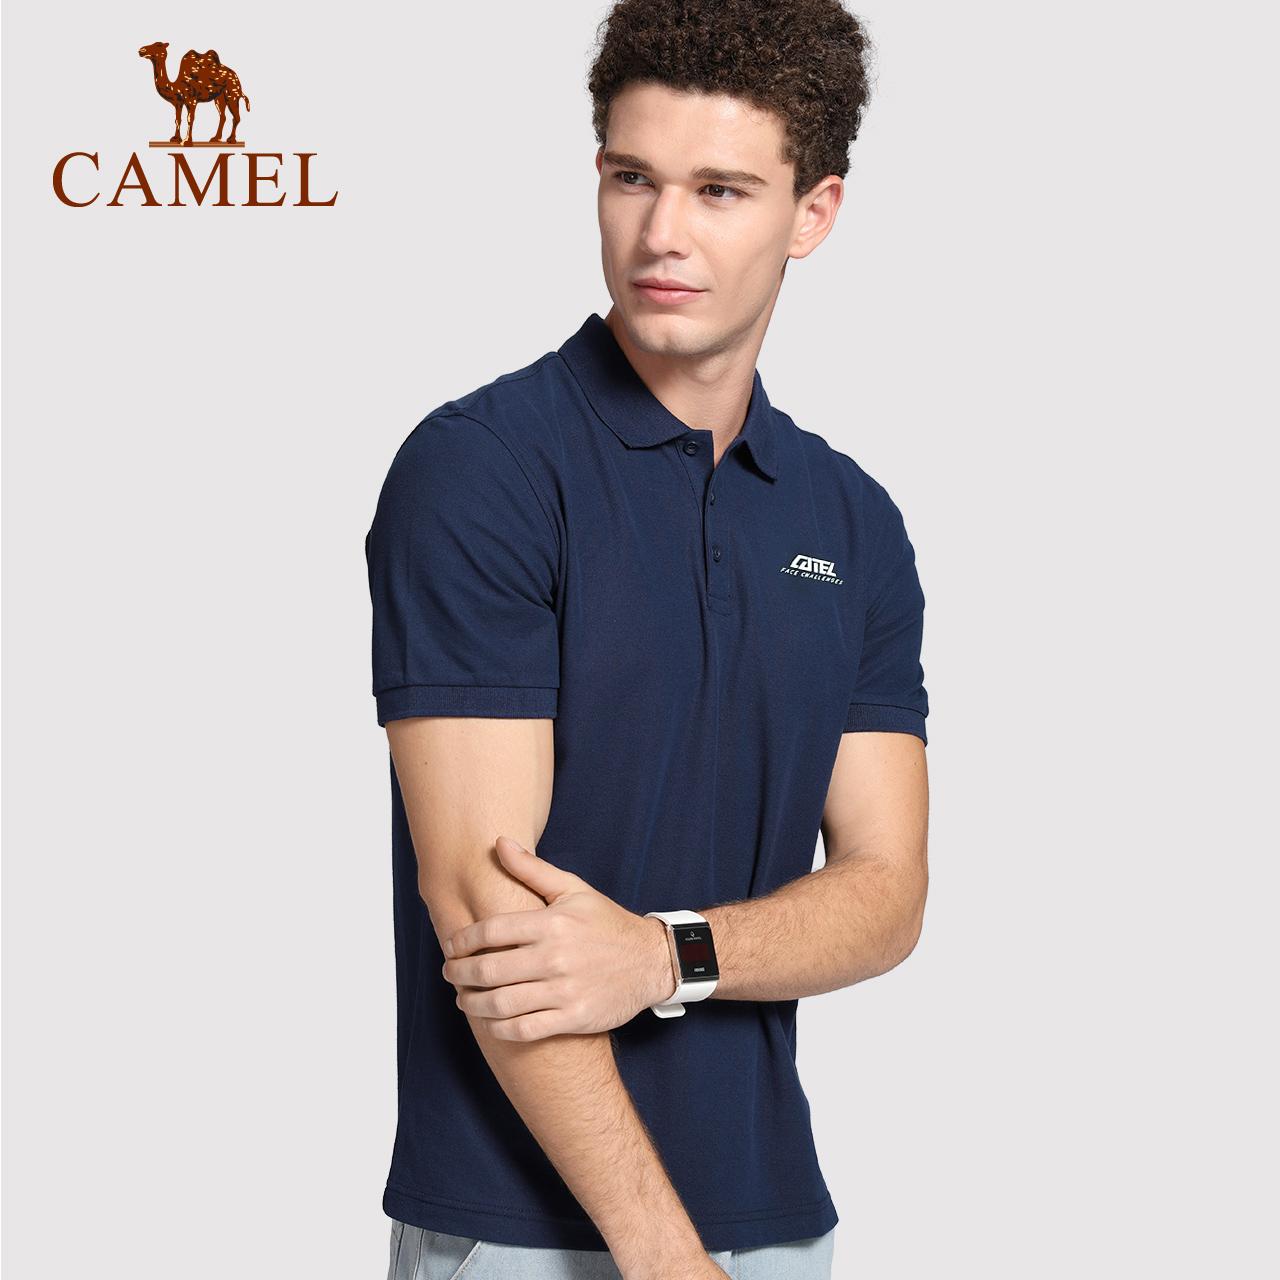 骆驼运动POLO衫男夏季运动服短袖T恤男士休闲体恤翻领上衣女士